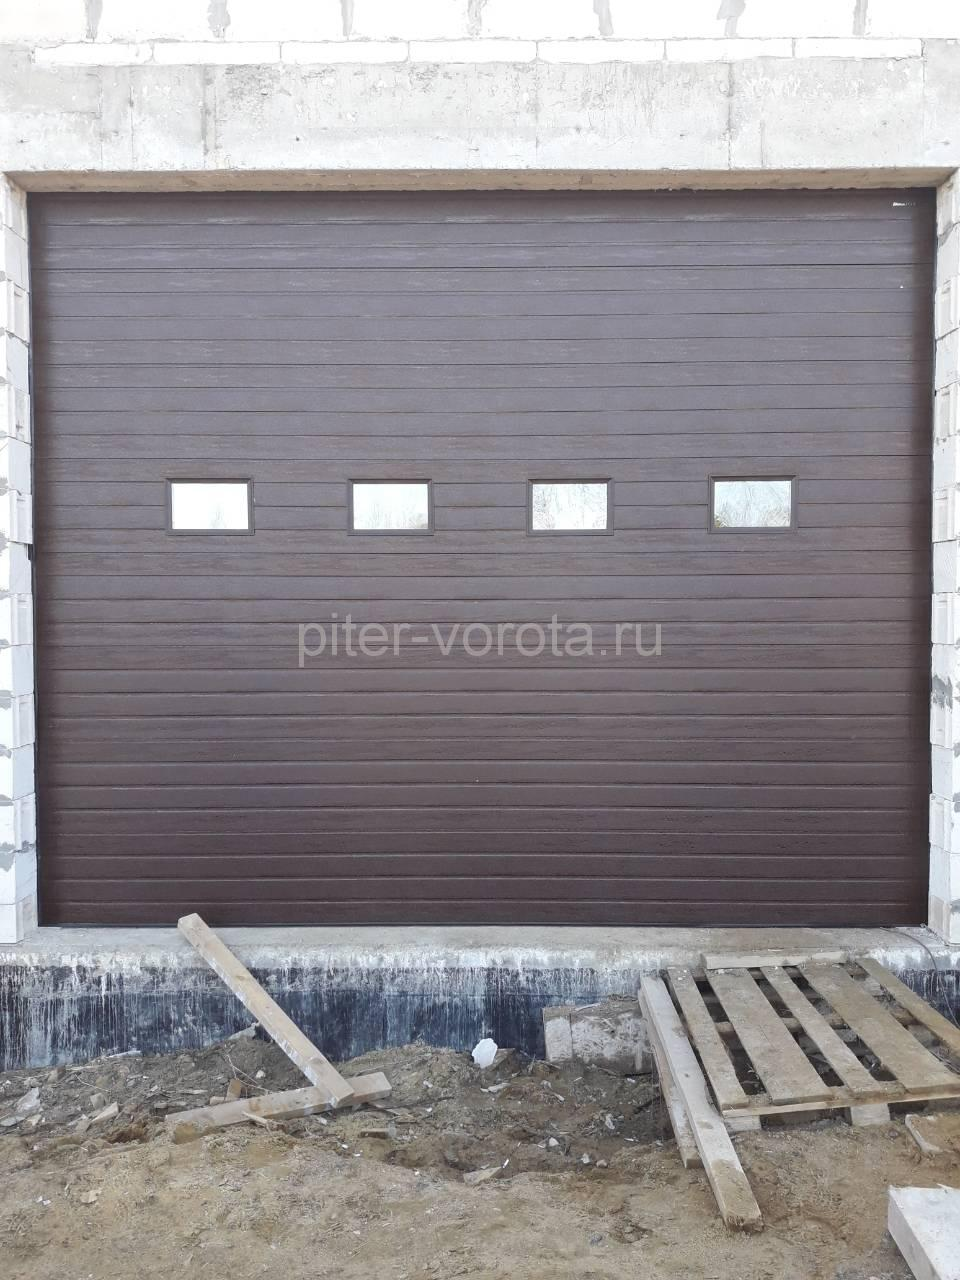 Промышленные подъёмно-секционные ворота Doorhan ISD01 в Хиттолово